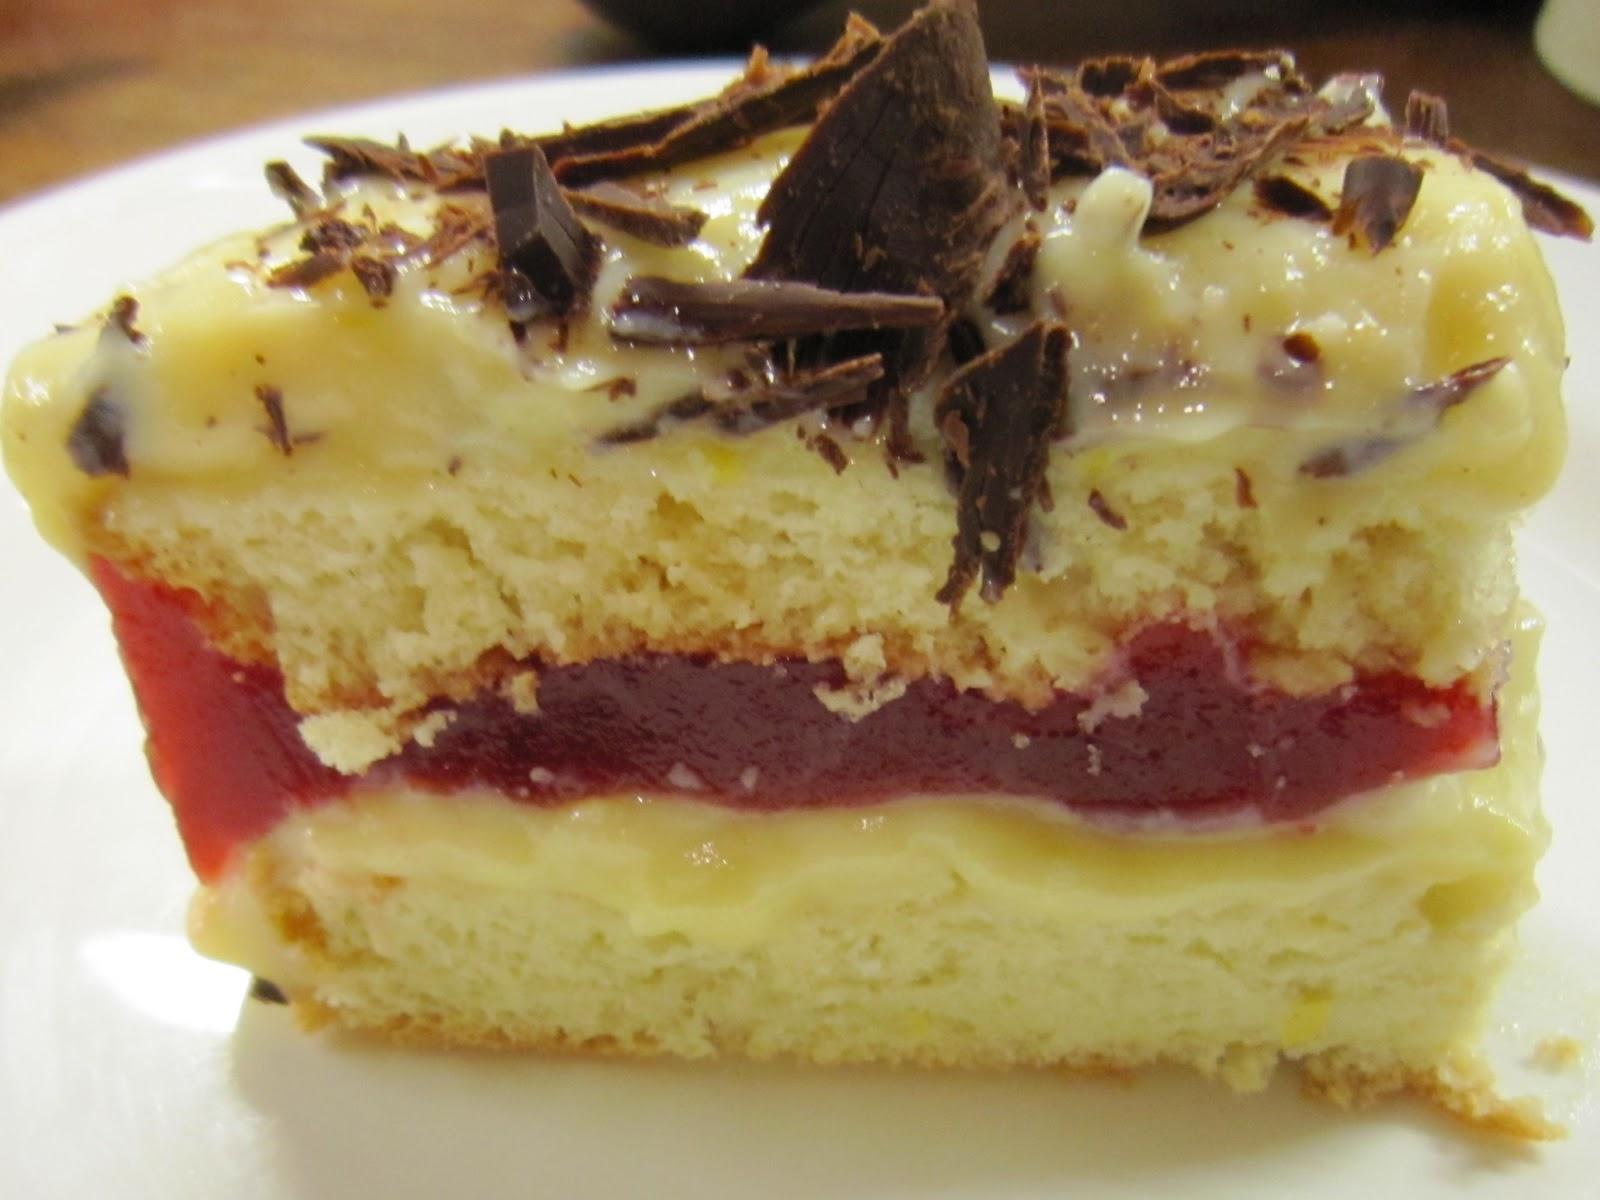 Zuppa Inglese Sponge Cake Recipe